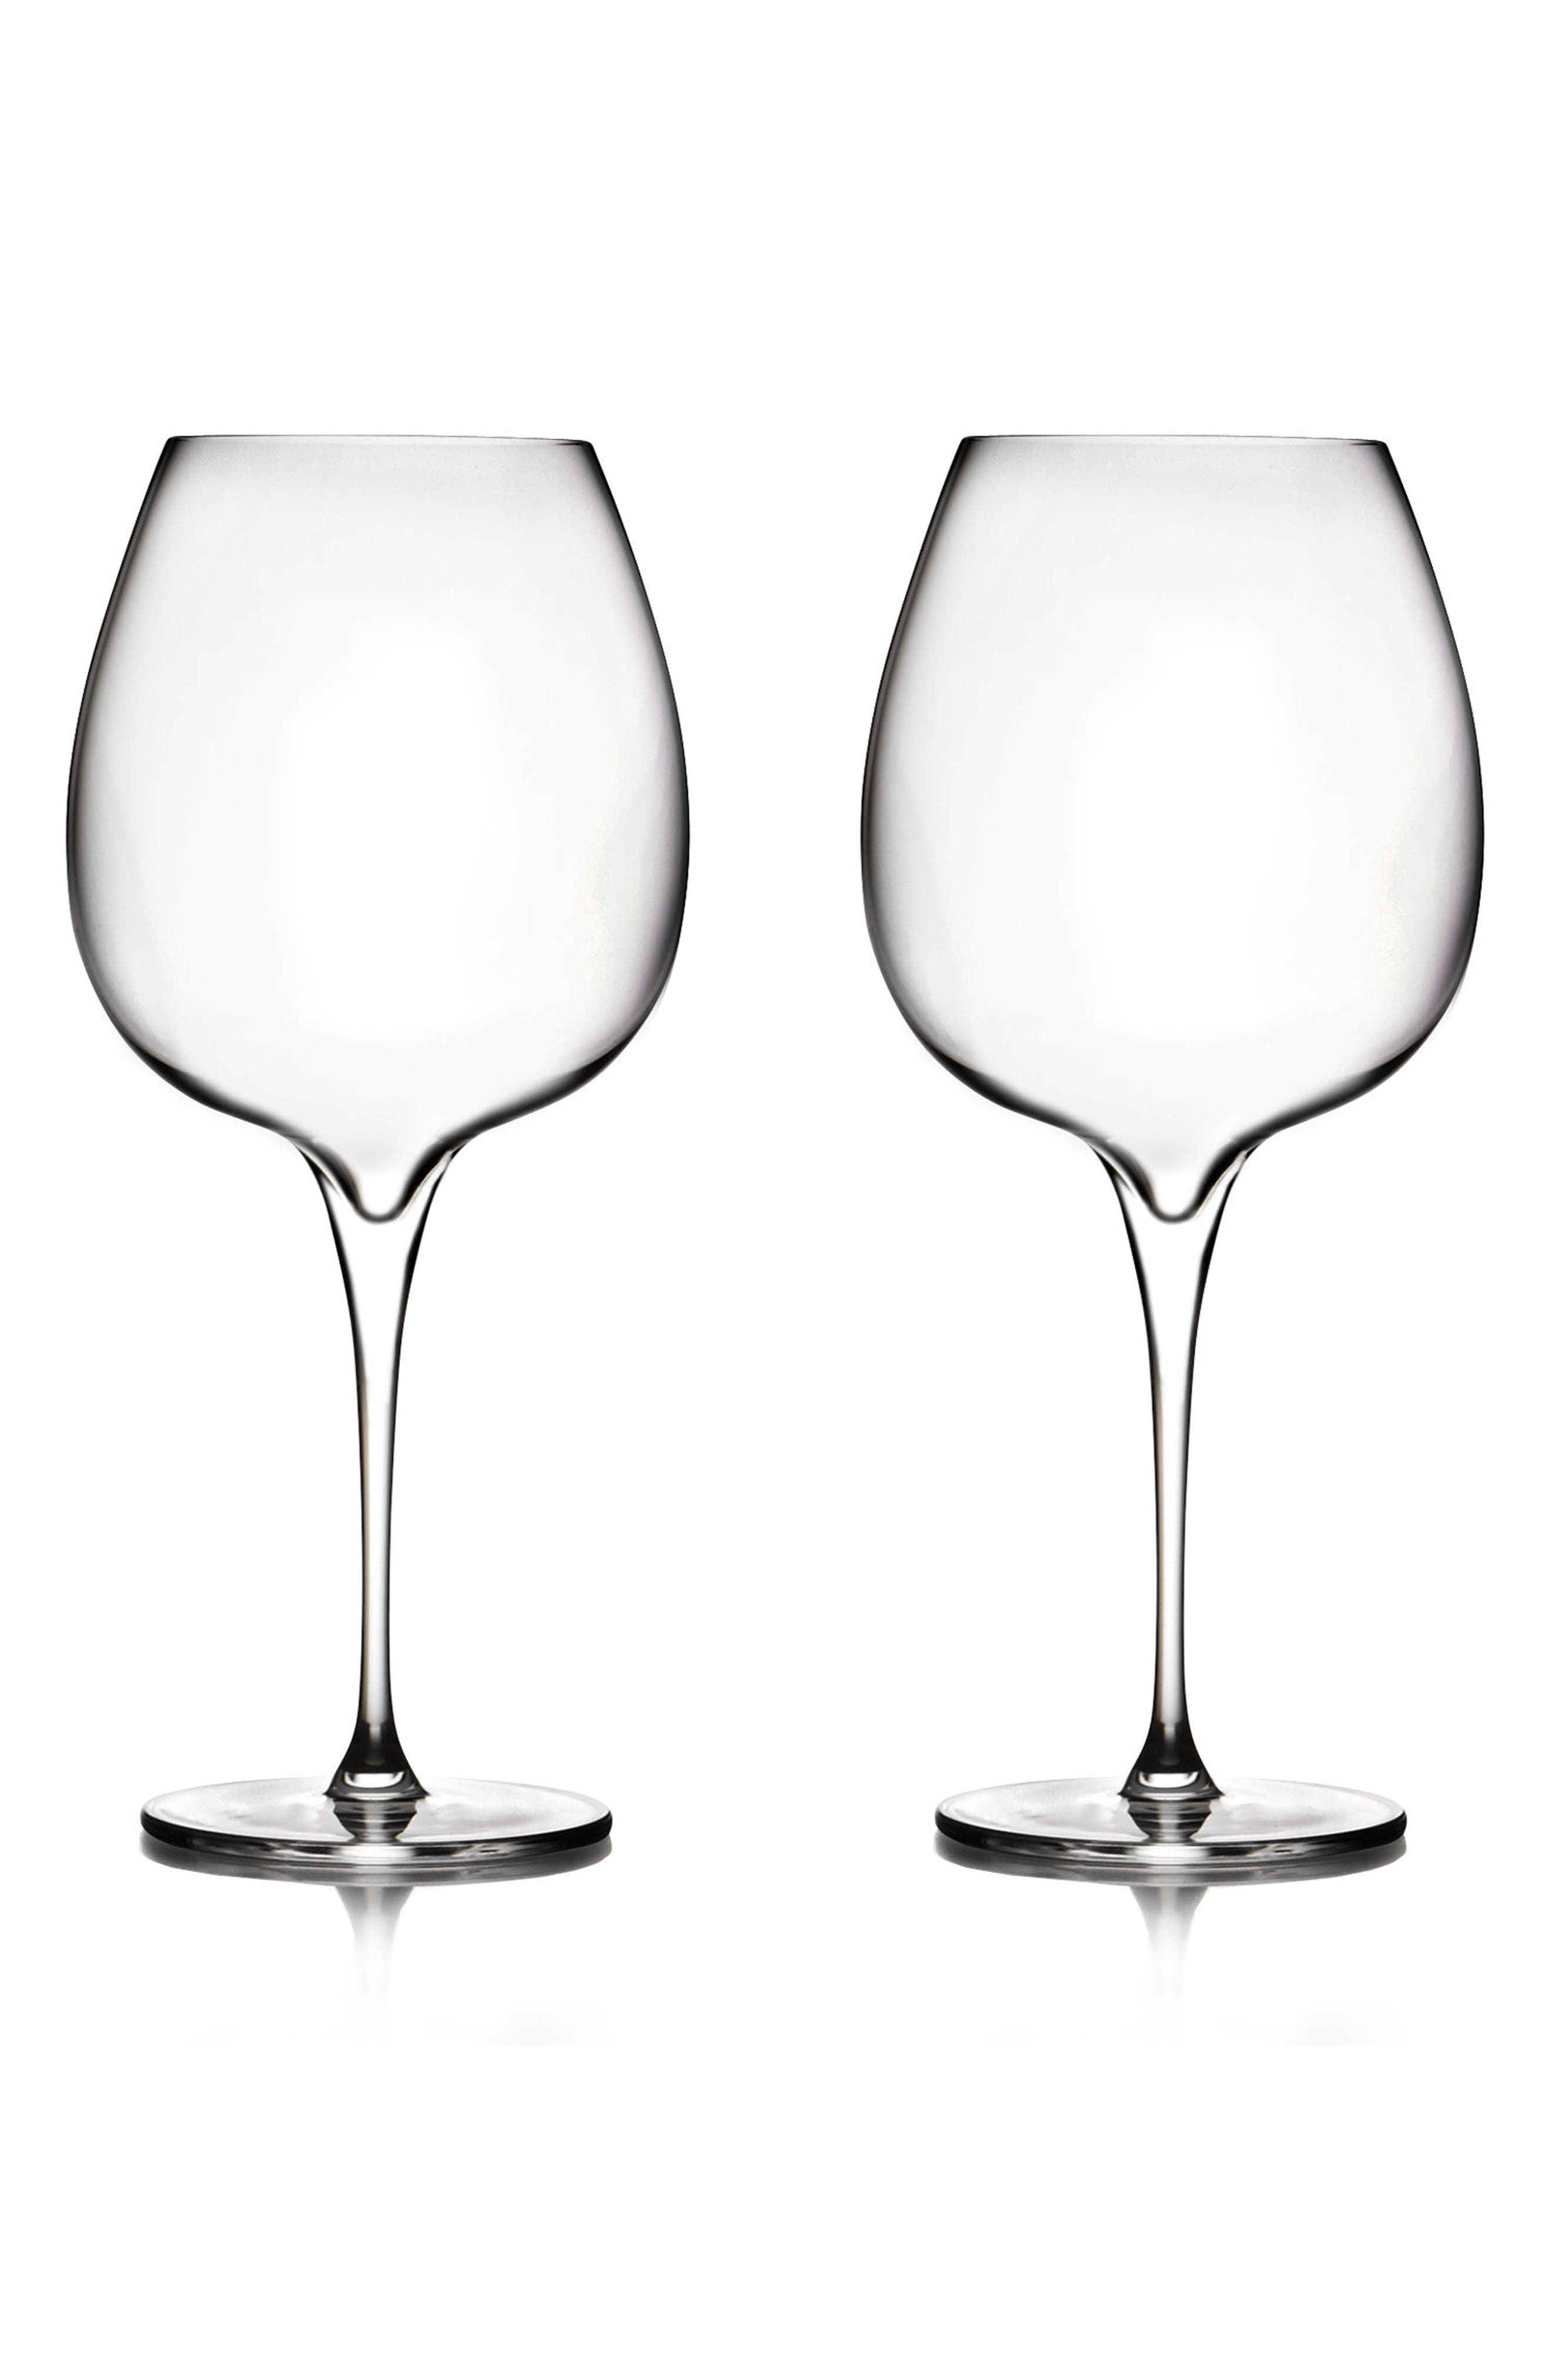 Vie Set of 2 Pinot Noir Glasses,                         Main,                         color, 100